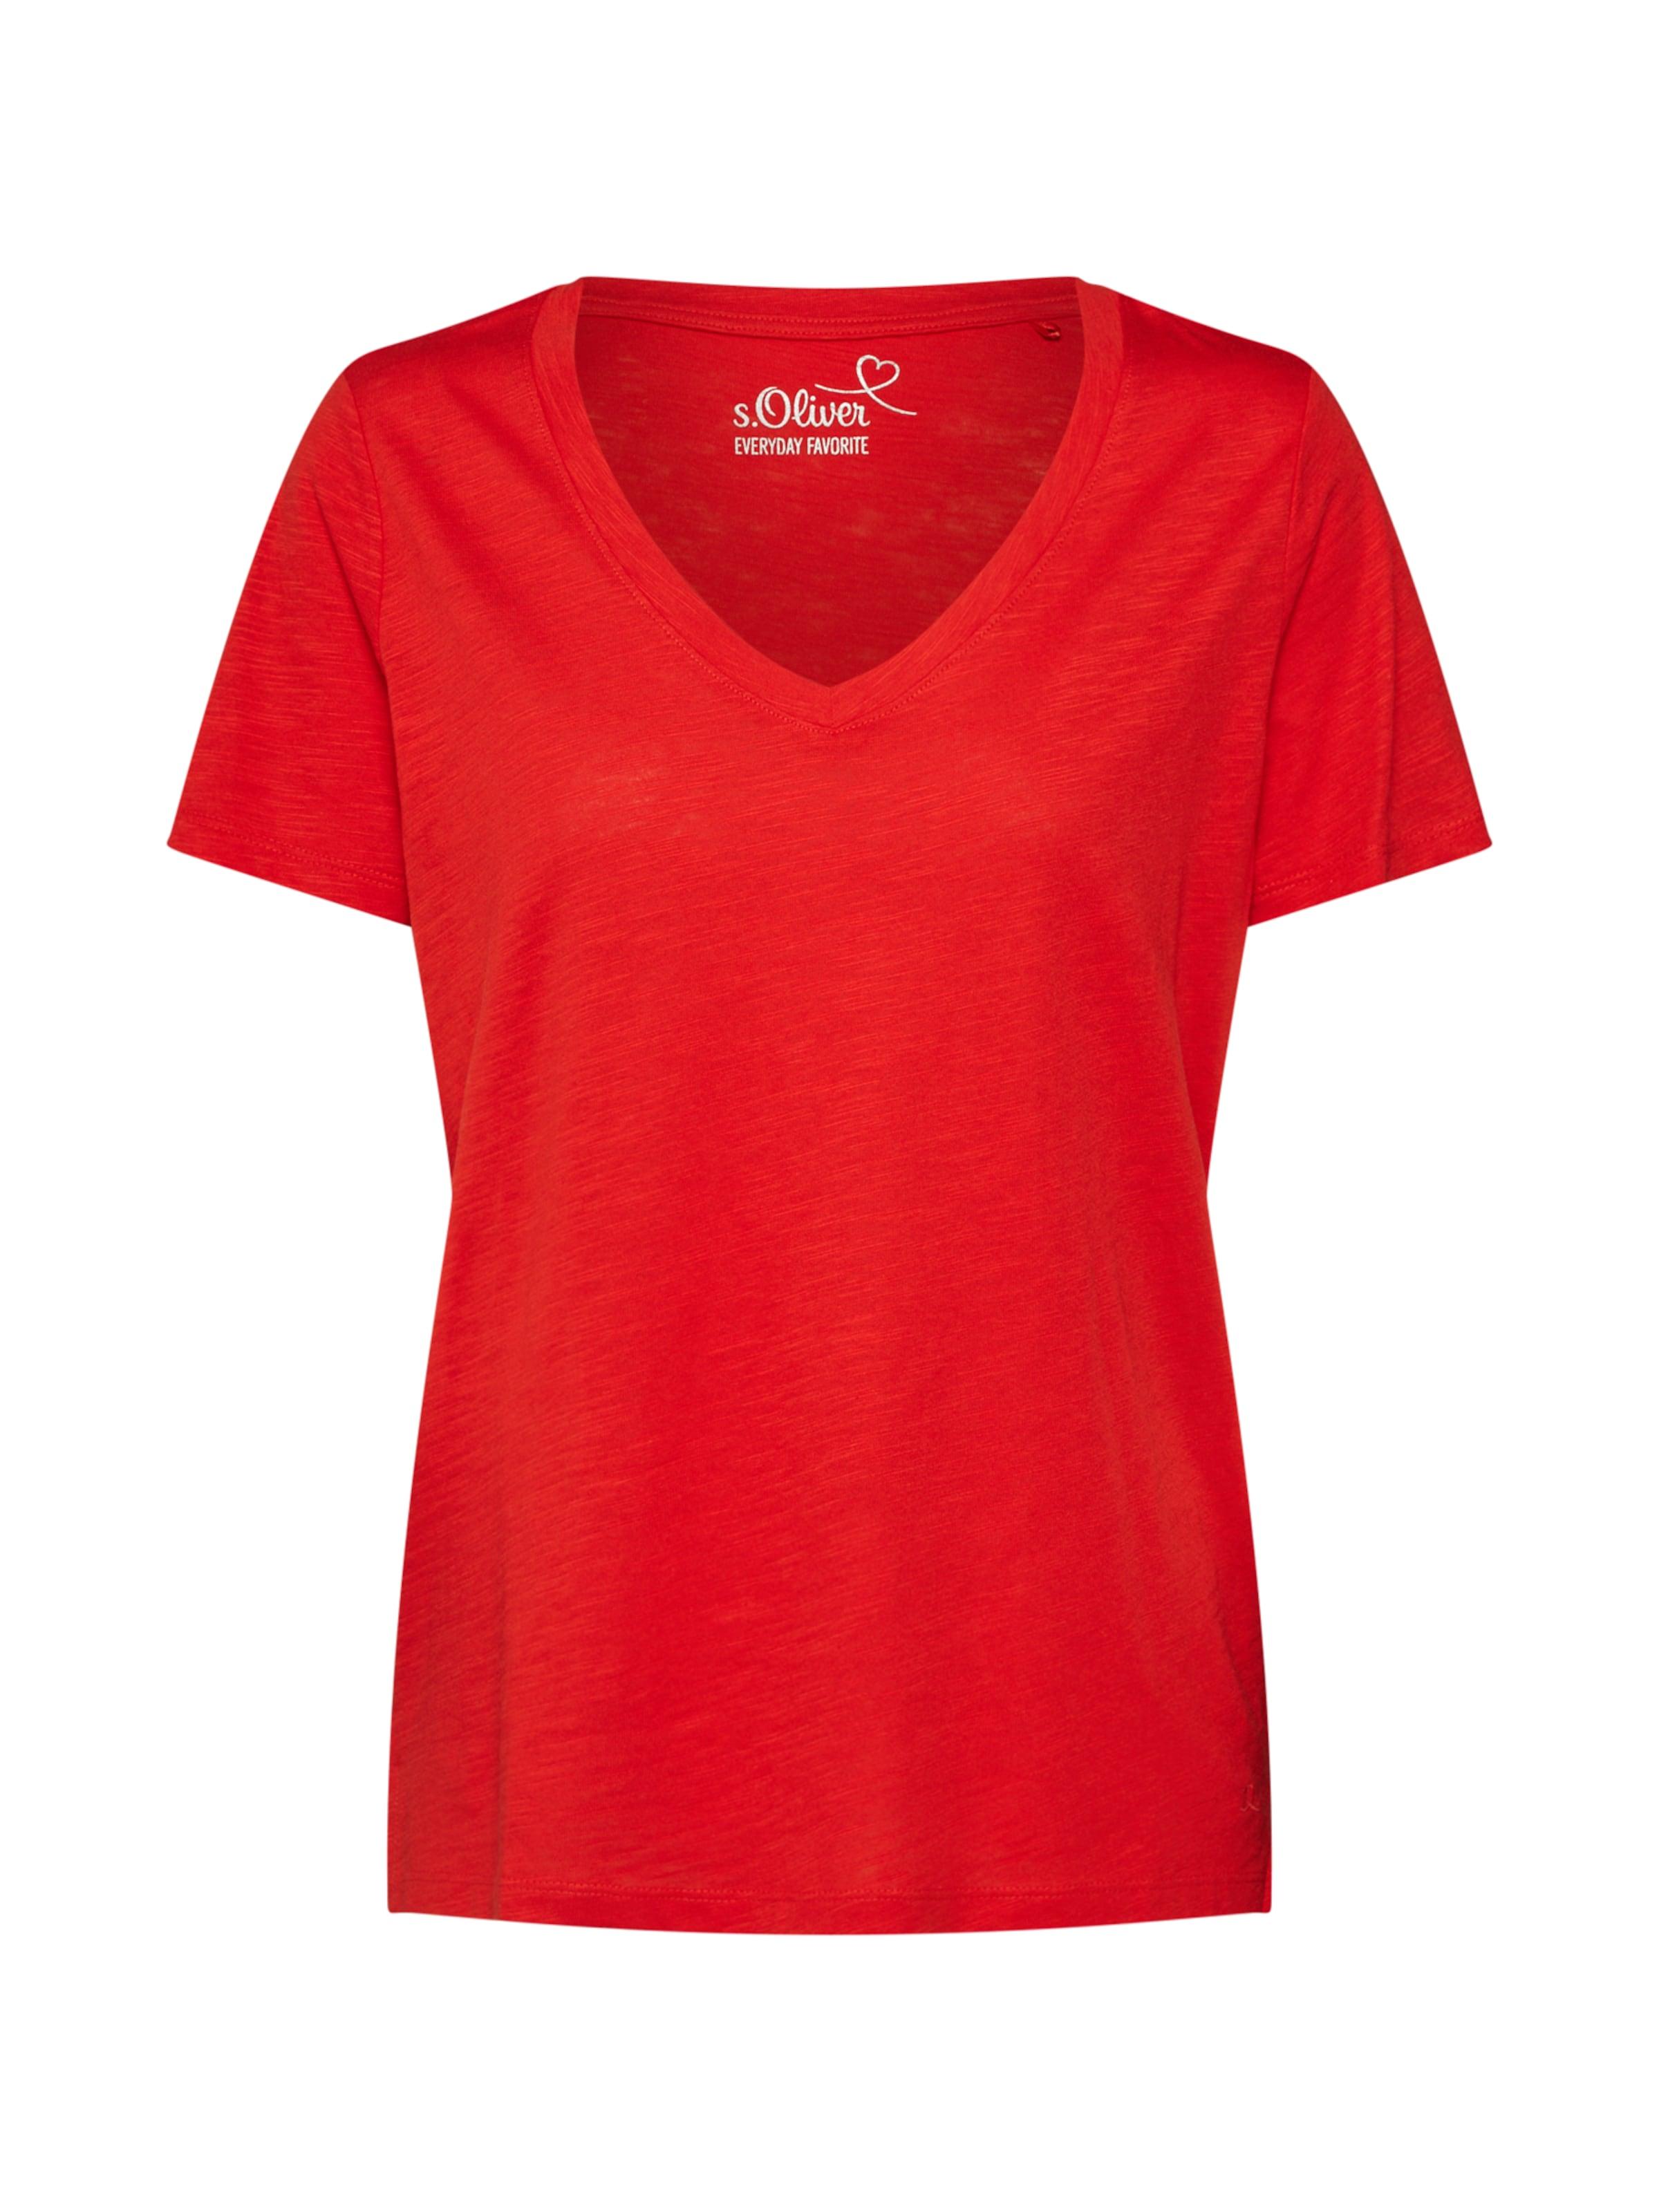 Red T En Rouge S oliver Label shirt ARqScL534j